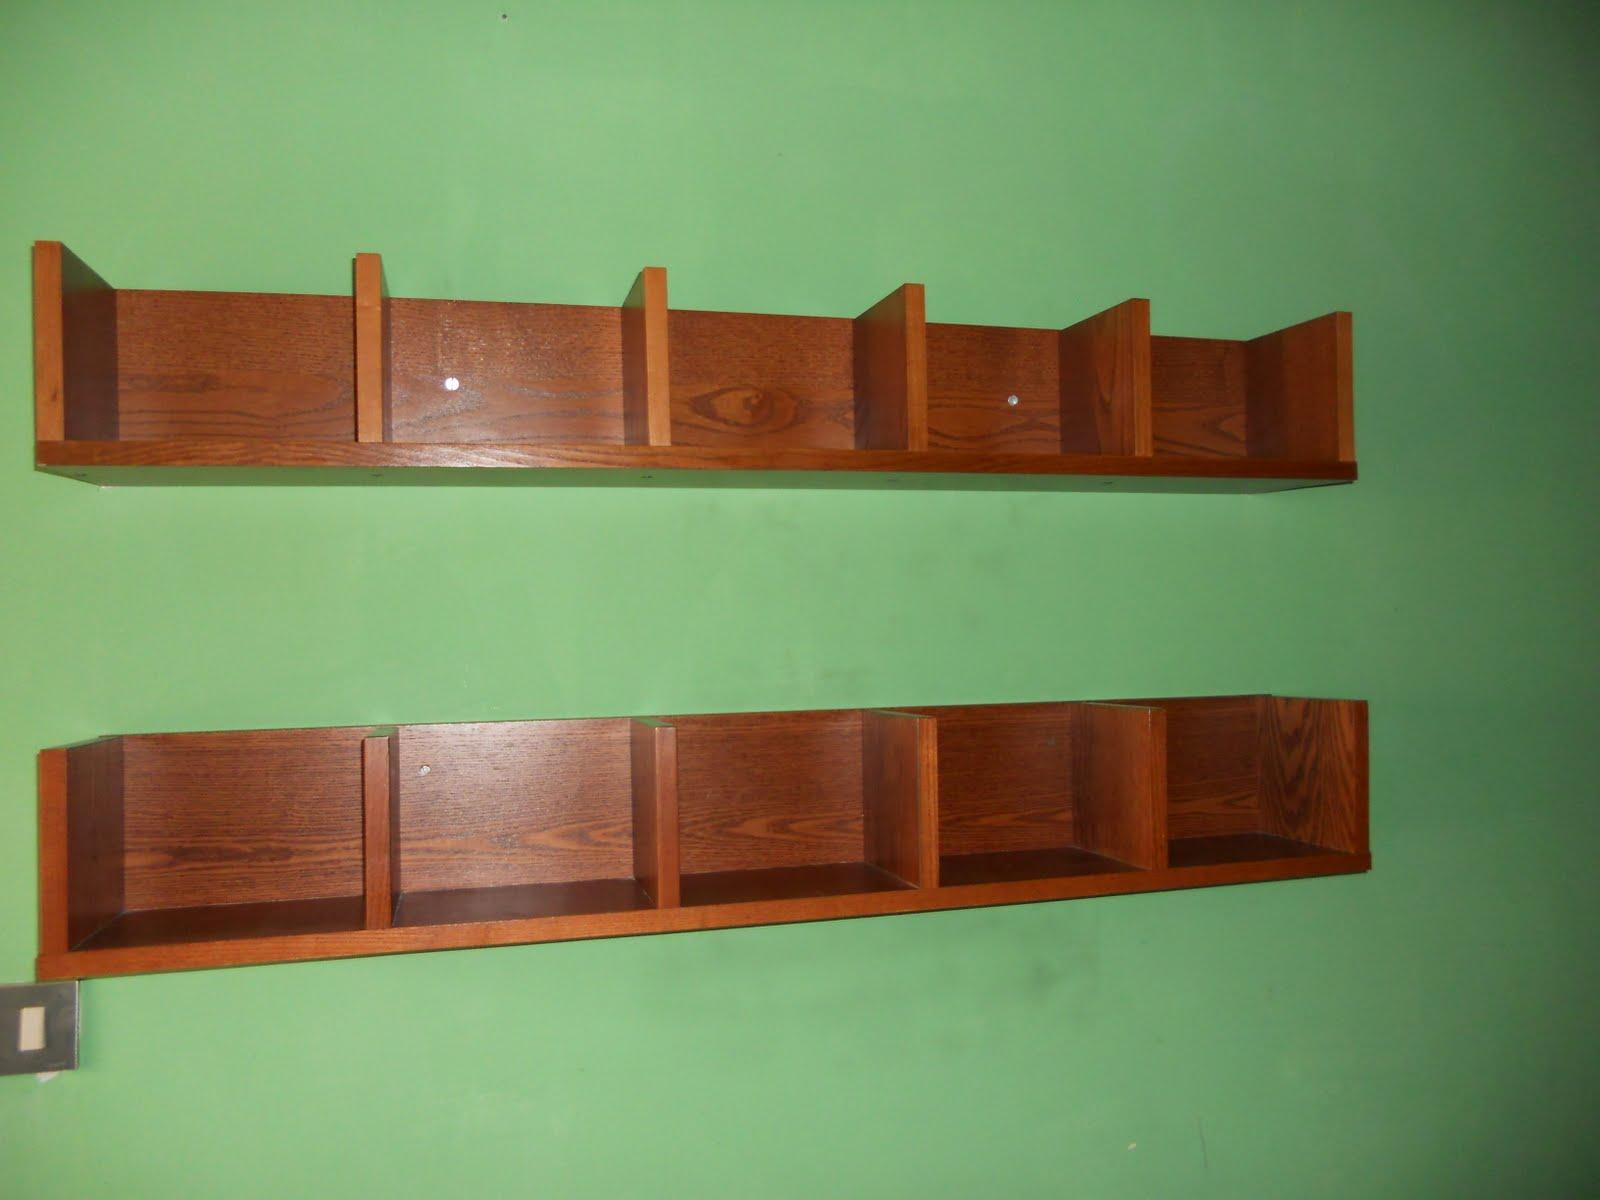 Mensole Porta Cd Ikea.Qui Trasloco Consegnato Porta Cd A Mensola Benno Ikea Colore